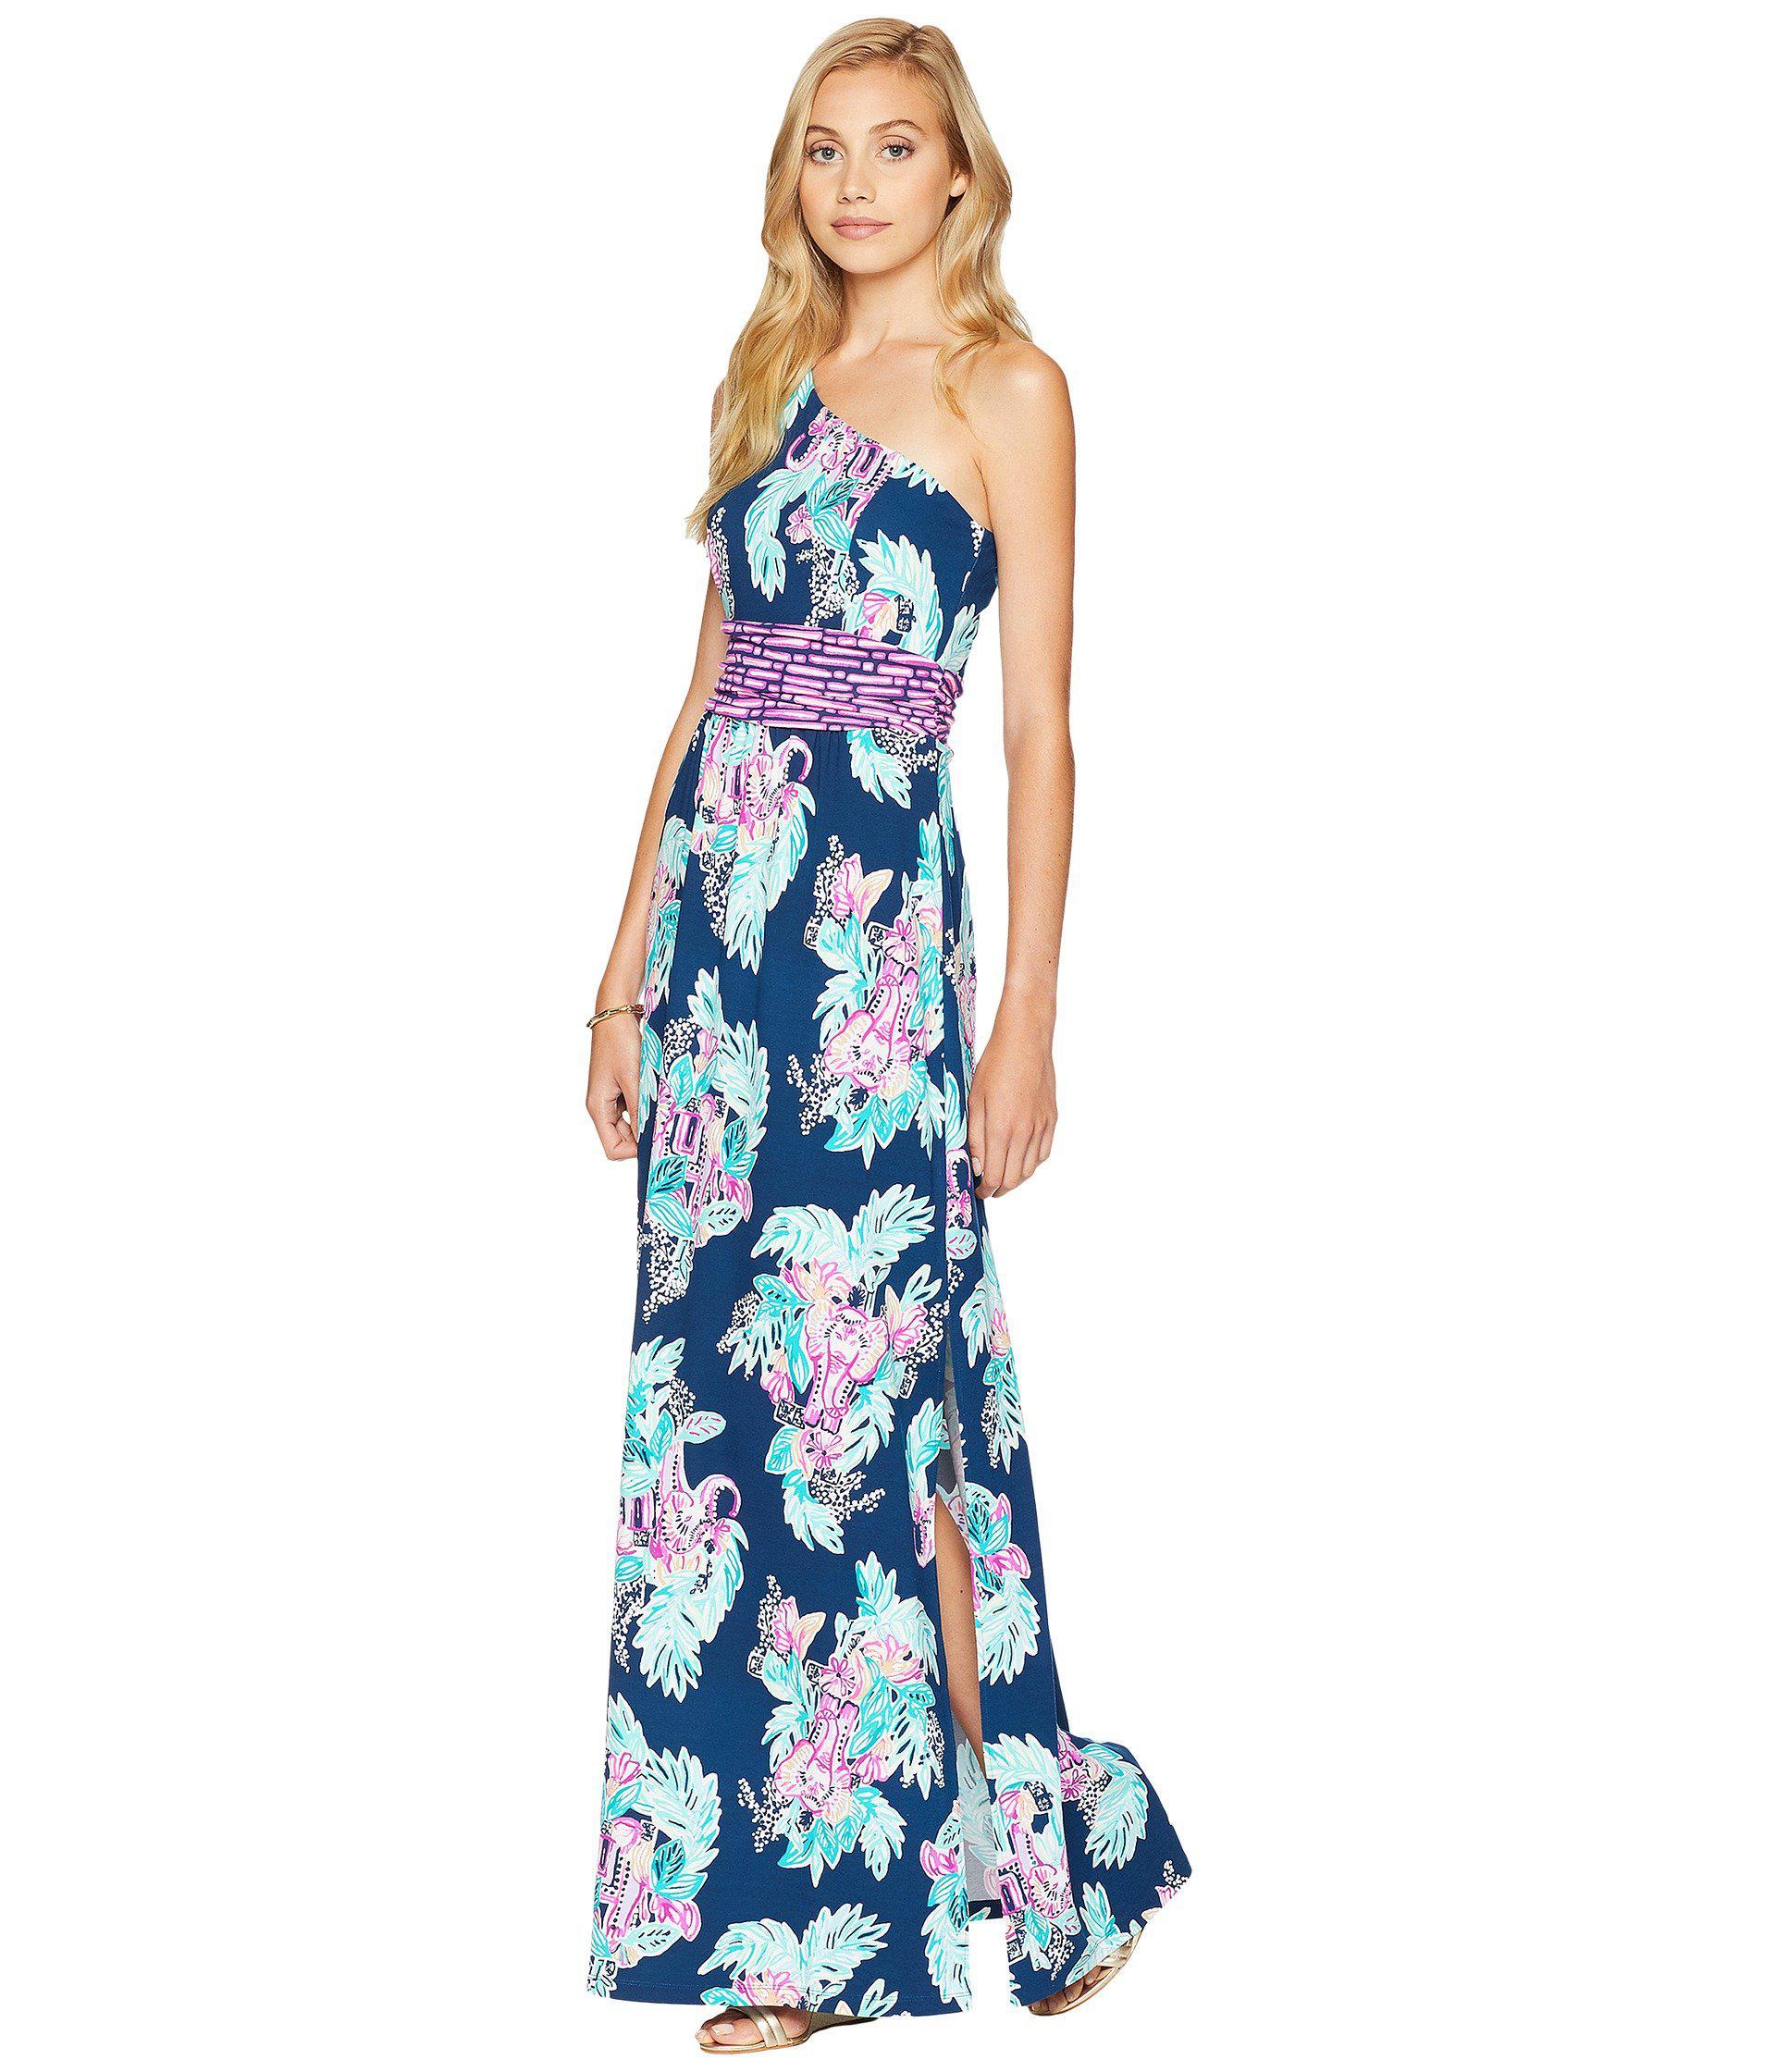 98819baddd Lilly Pulitzer Lilly Pulitzer Malia One-shoulder Maxi Dress in Blue ...